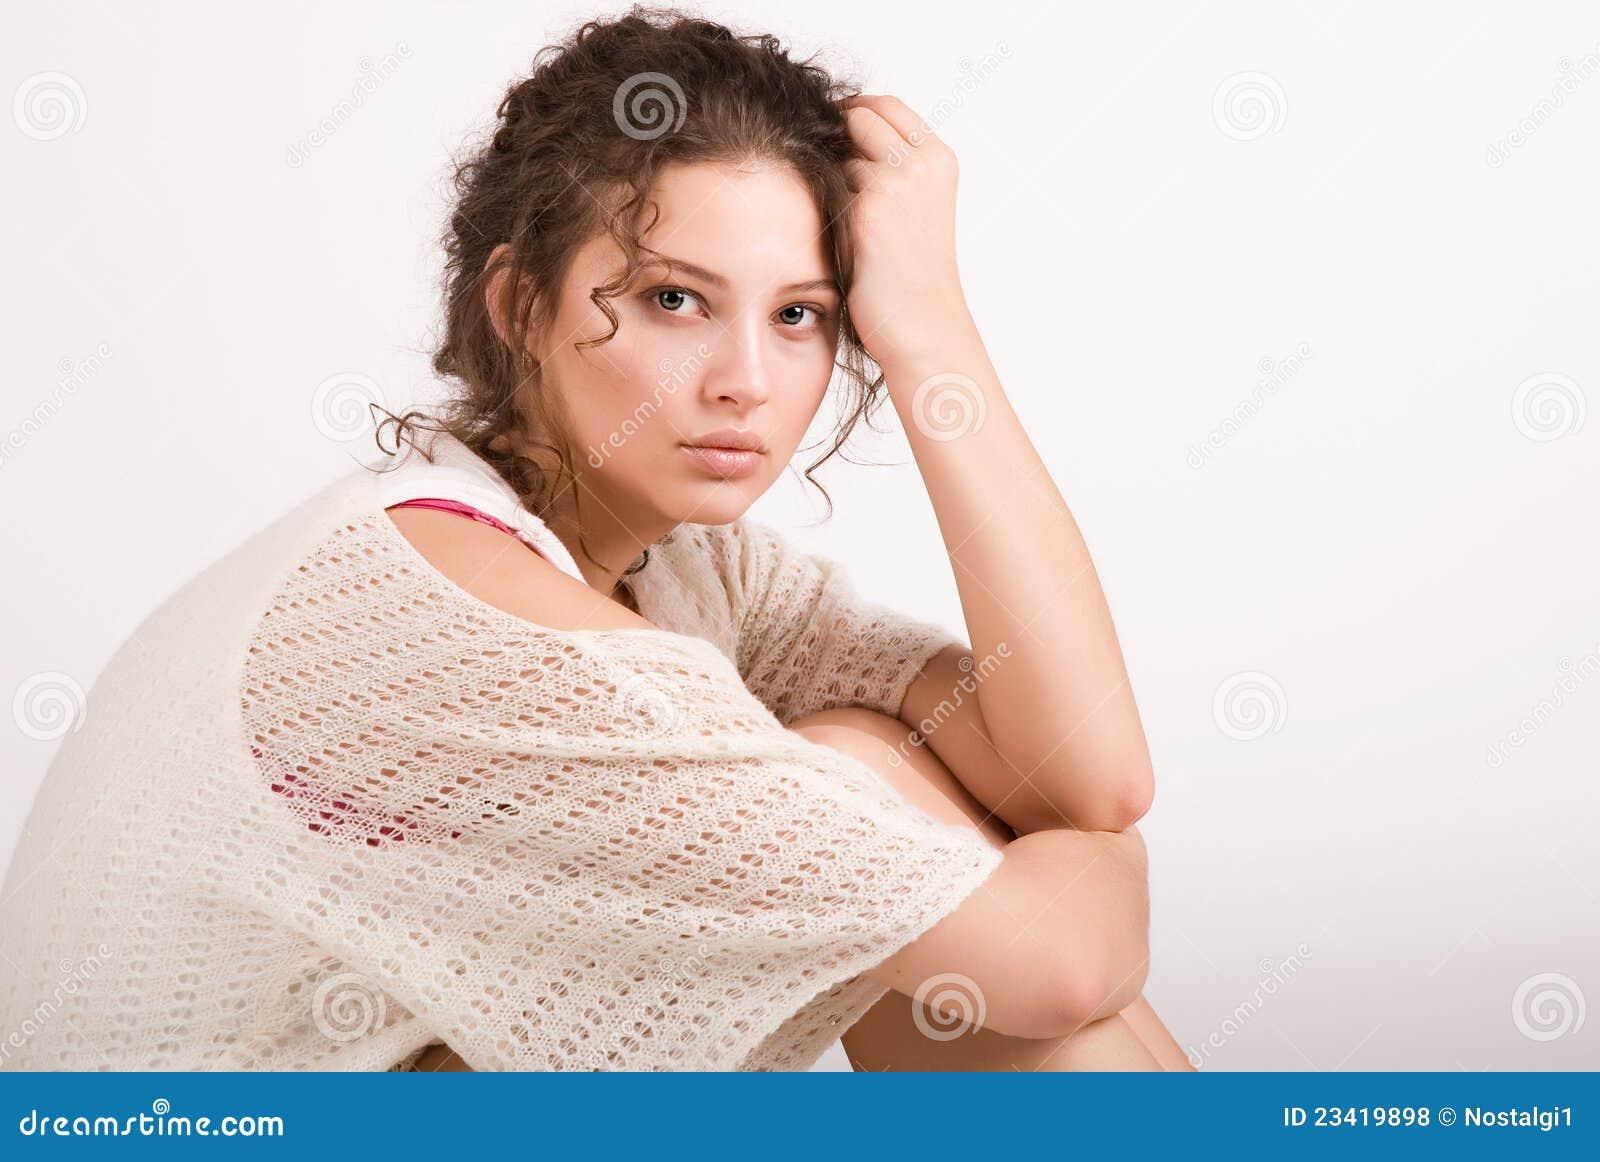 Una bella ragazza fotografia stock immagine di persona - Colorazione immagine di una ragazza ...